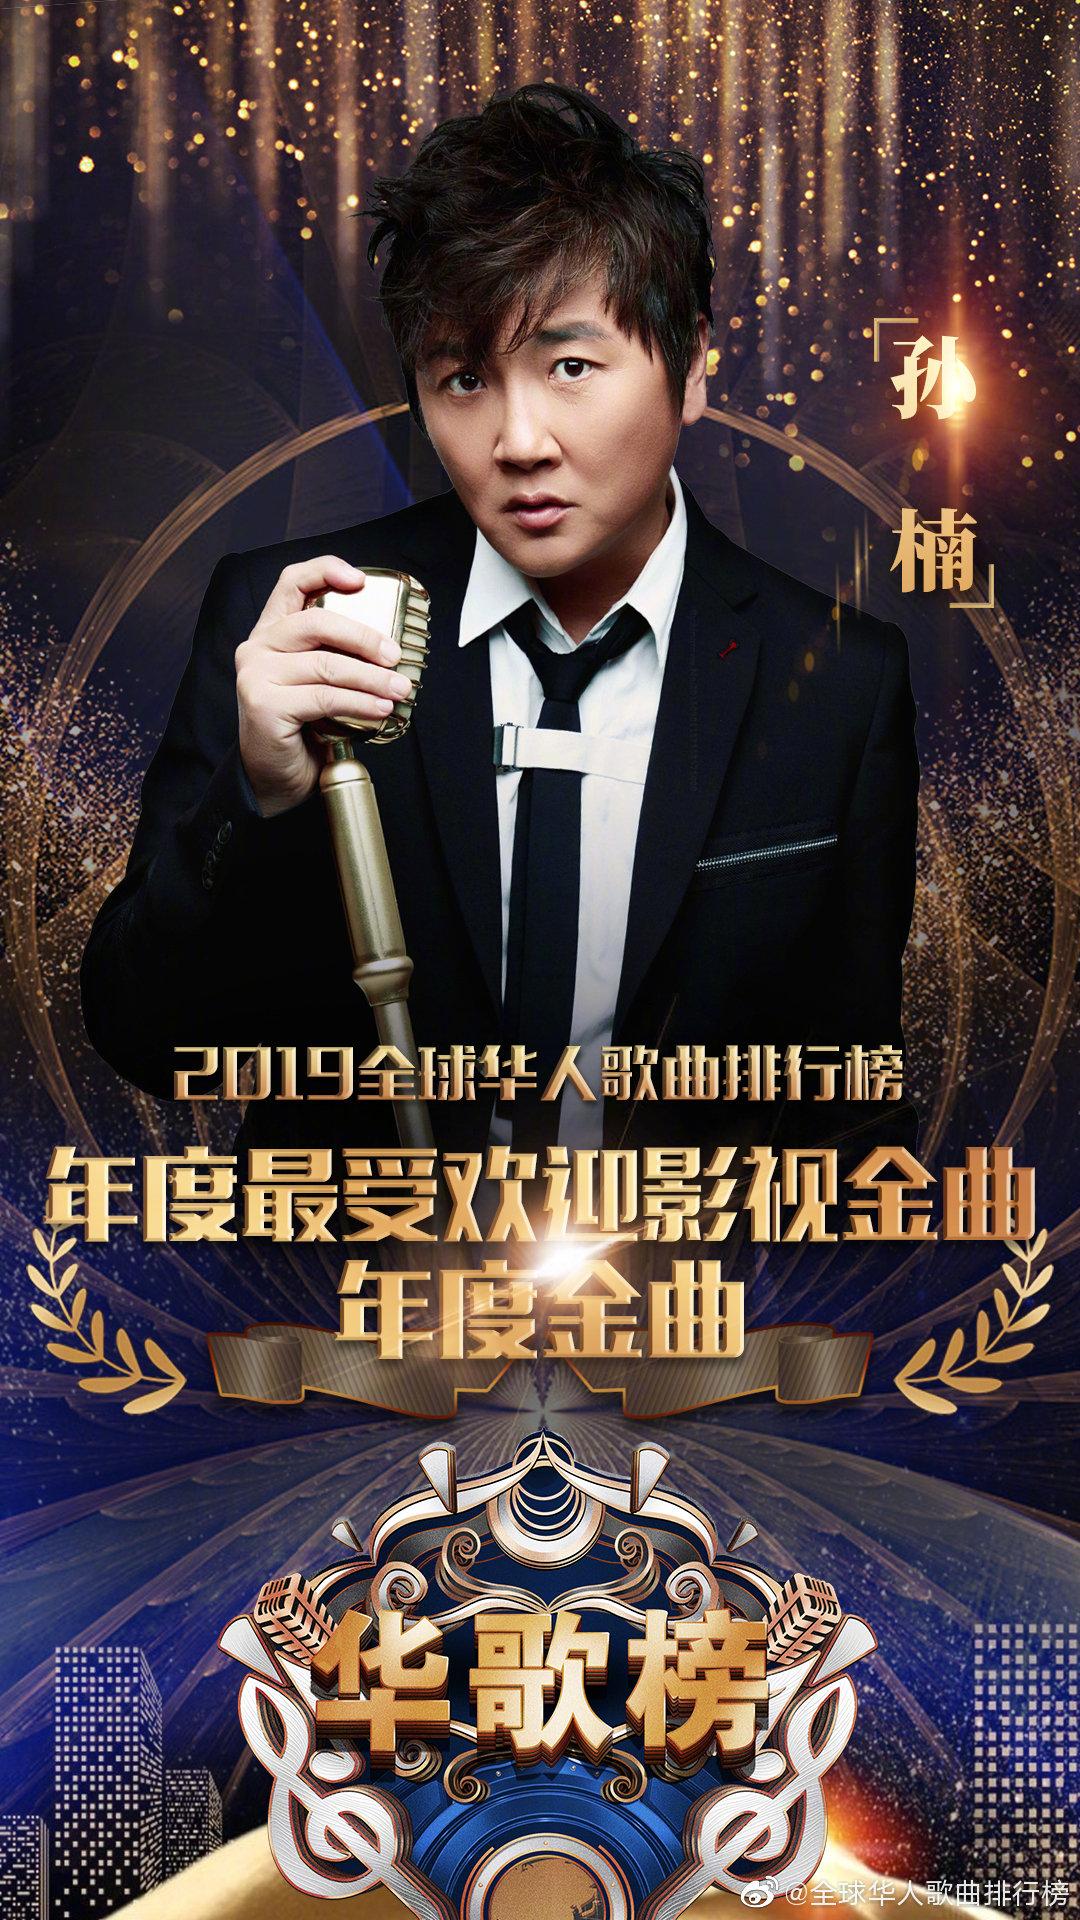 2019音乐风云排行榜_2019东方风云榜音乐盛典